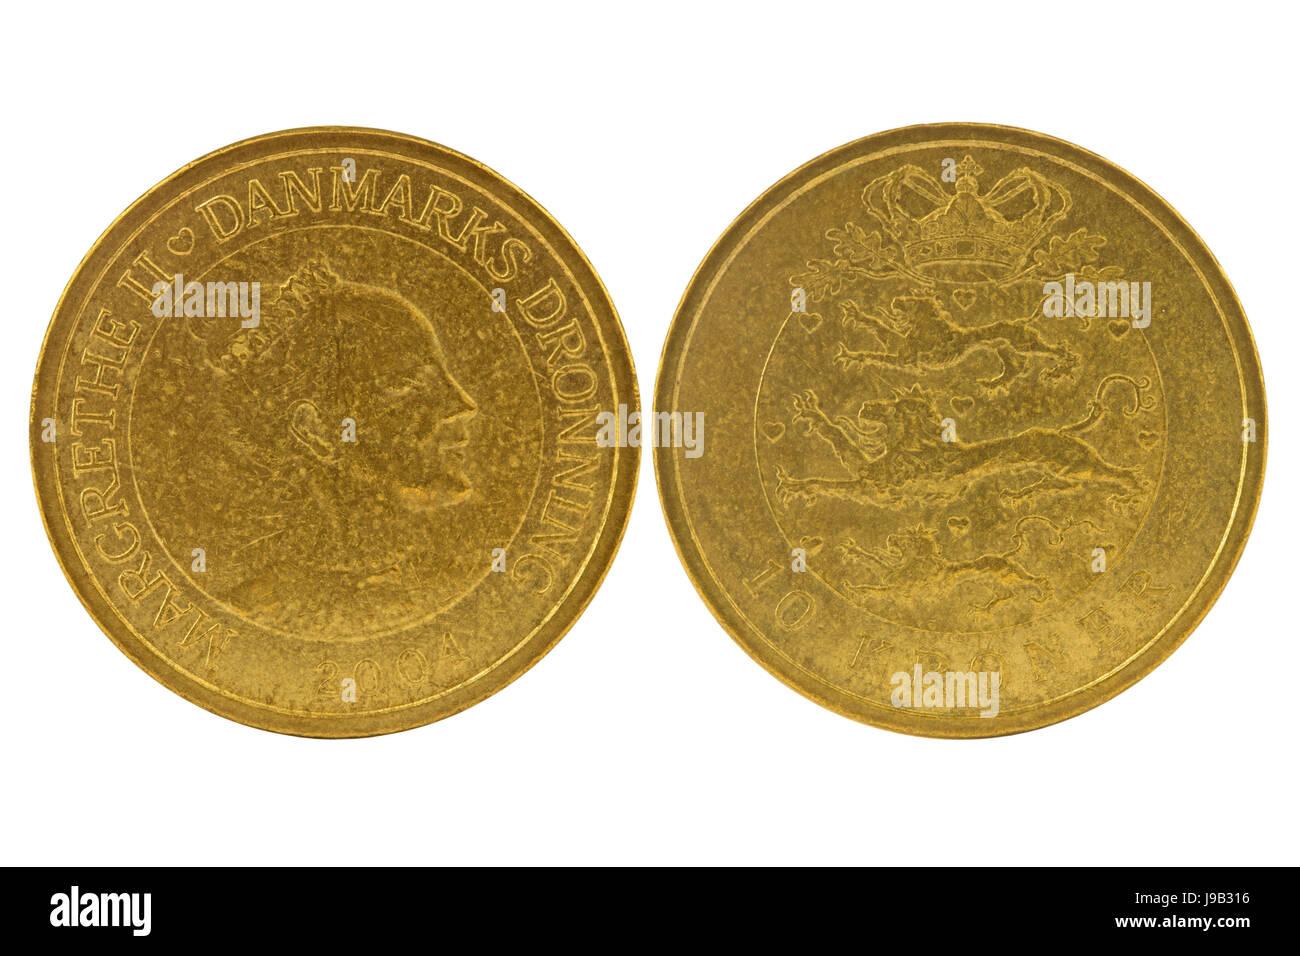 Moneda, moneda, negocios, tratar, las transacciones comerciales, de negocios, Foto de stock